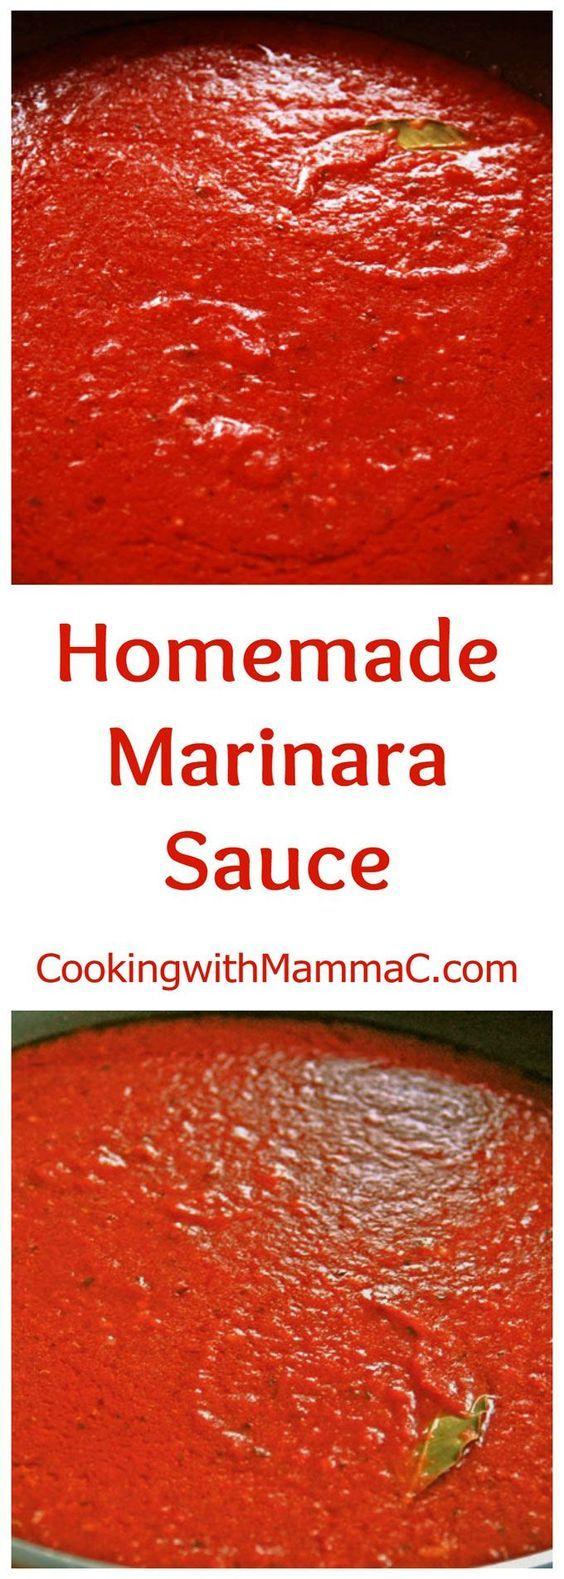 Easy homemade marinara recipe